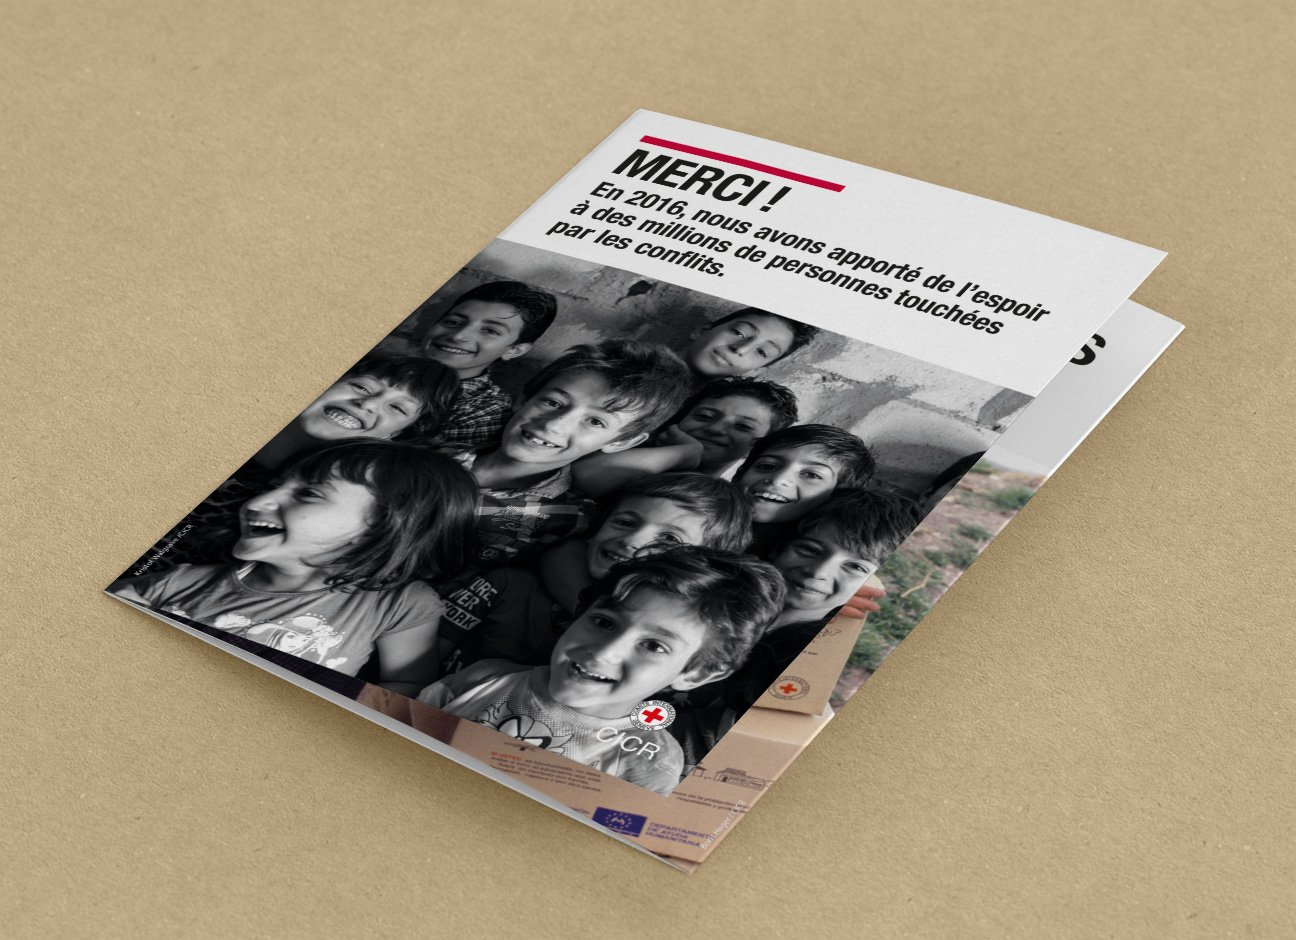 Fabien_cuffel_Bilan_CICR_leaflet_2017